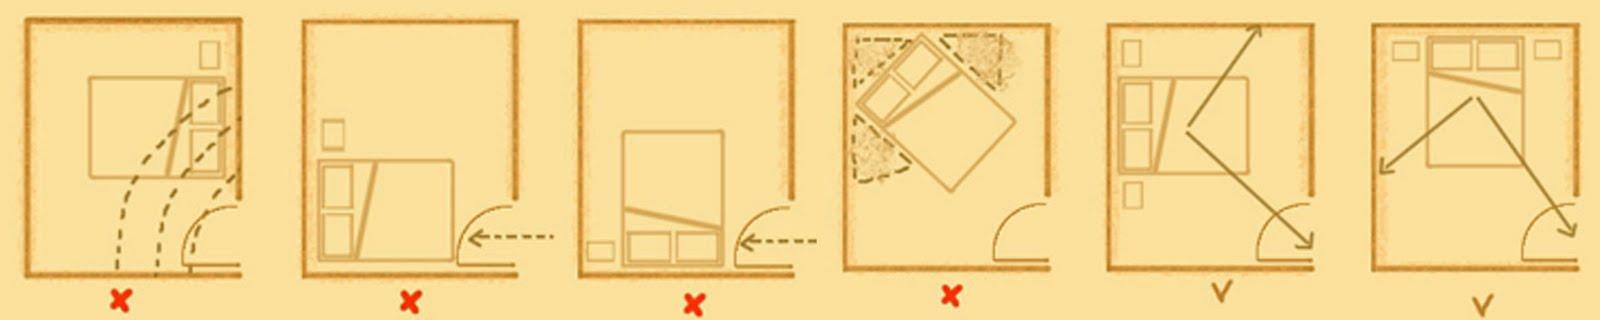 Design d interni feng shui che passione - Orientamento letto feng shui ...